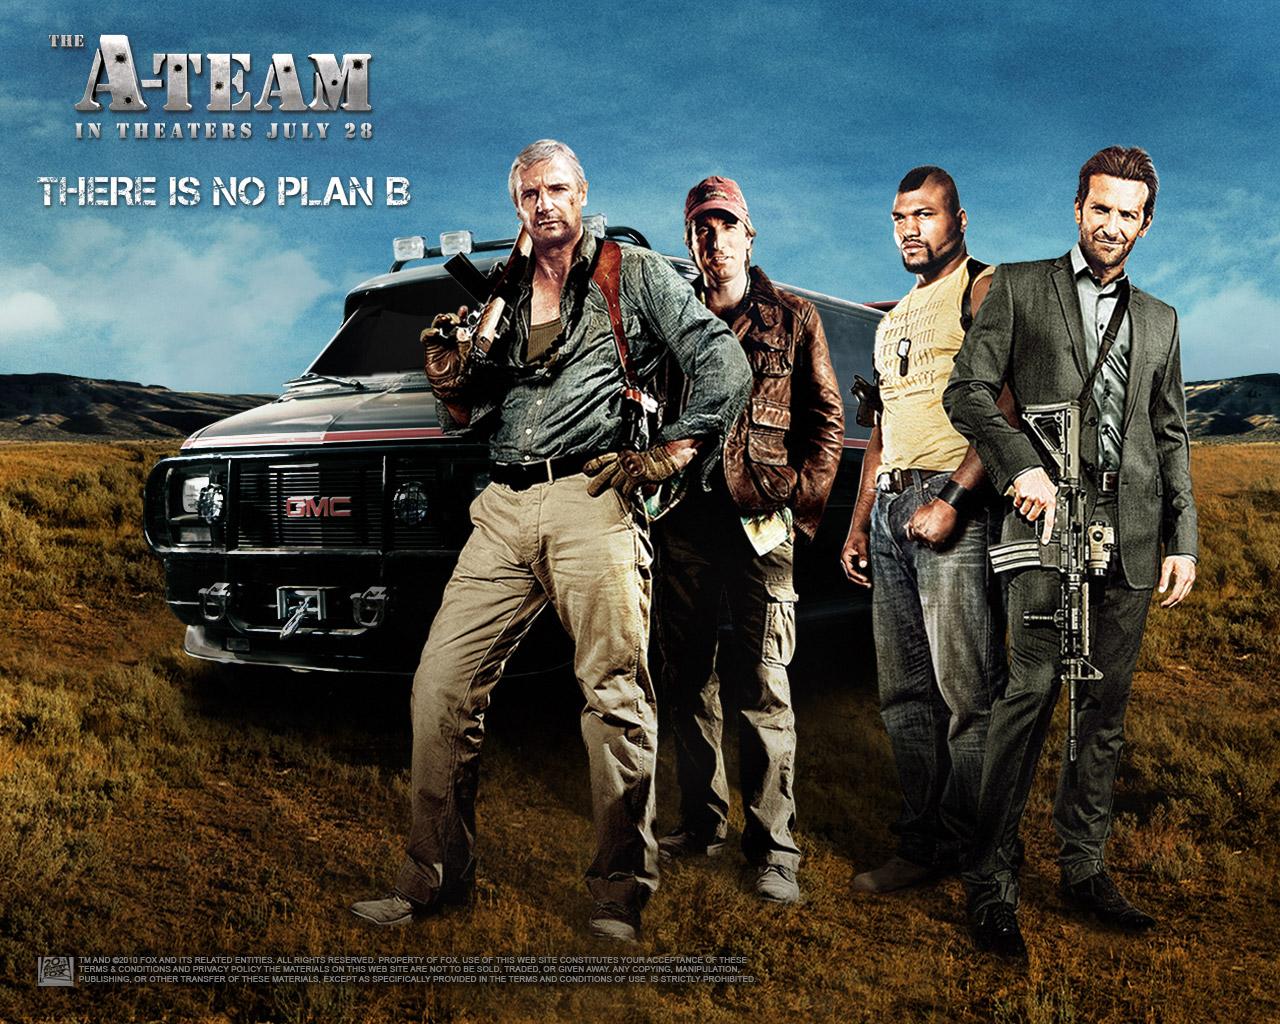 The A-Team movie